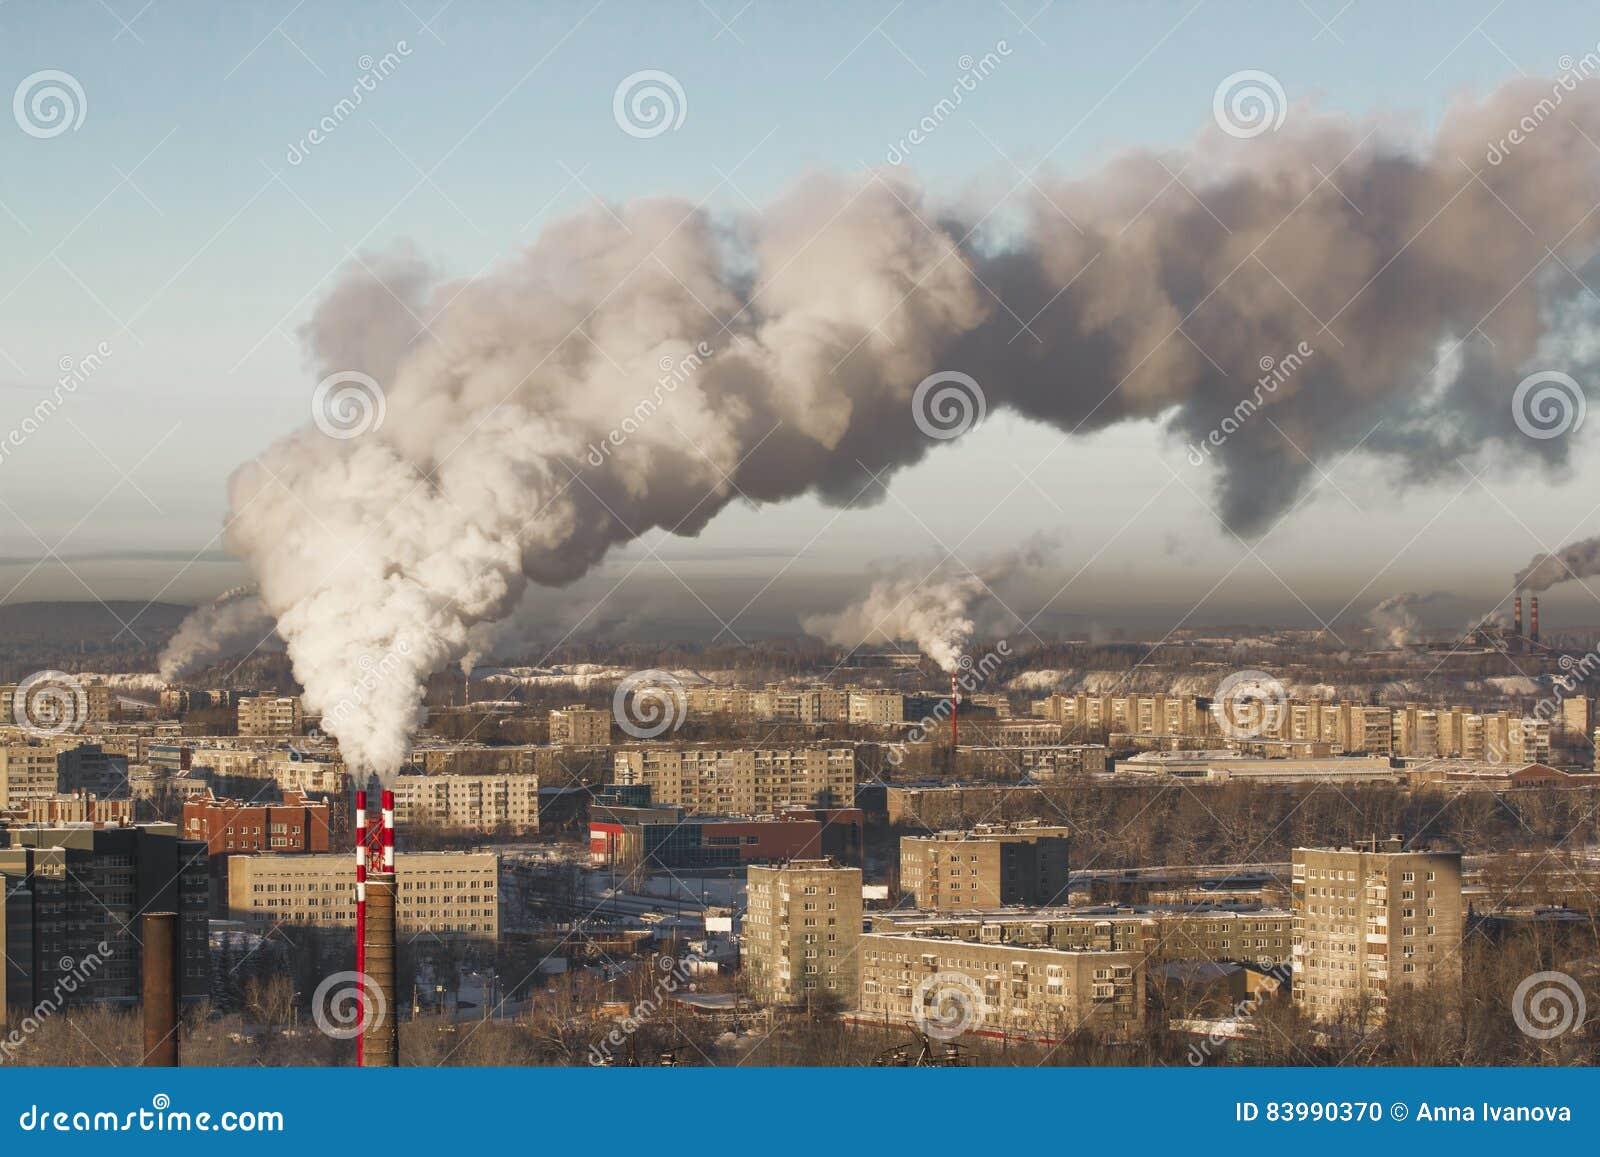 Ambiente pobre na cidade Desastre ambiental Emissões prejudiciais no ambiente Fumo e poluição atmosférica